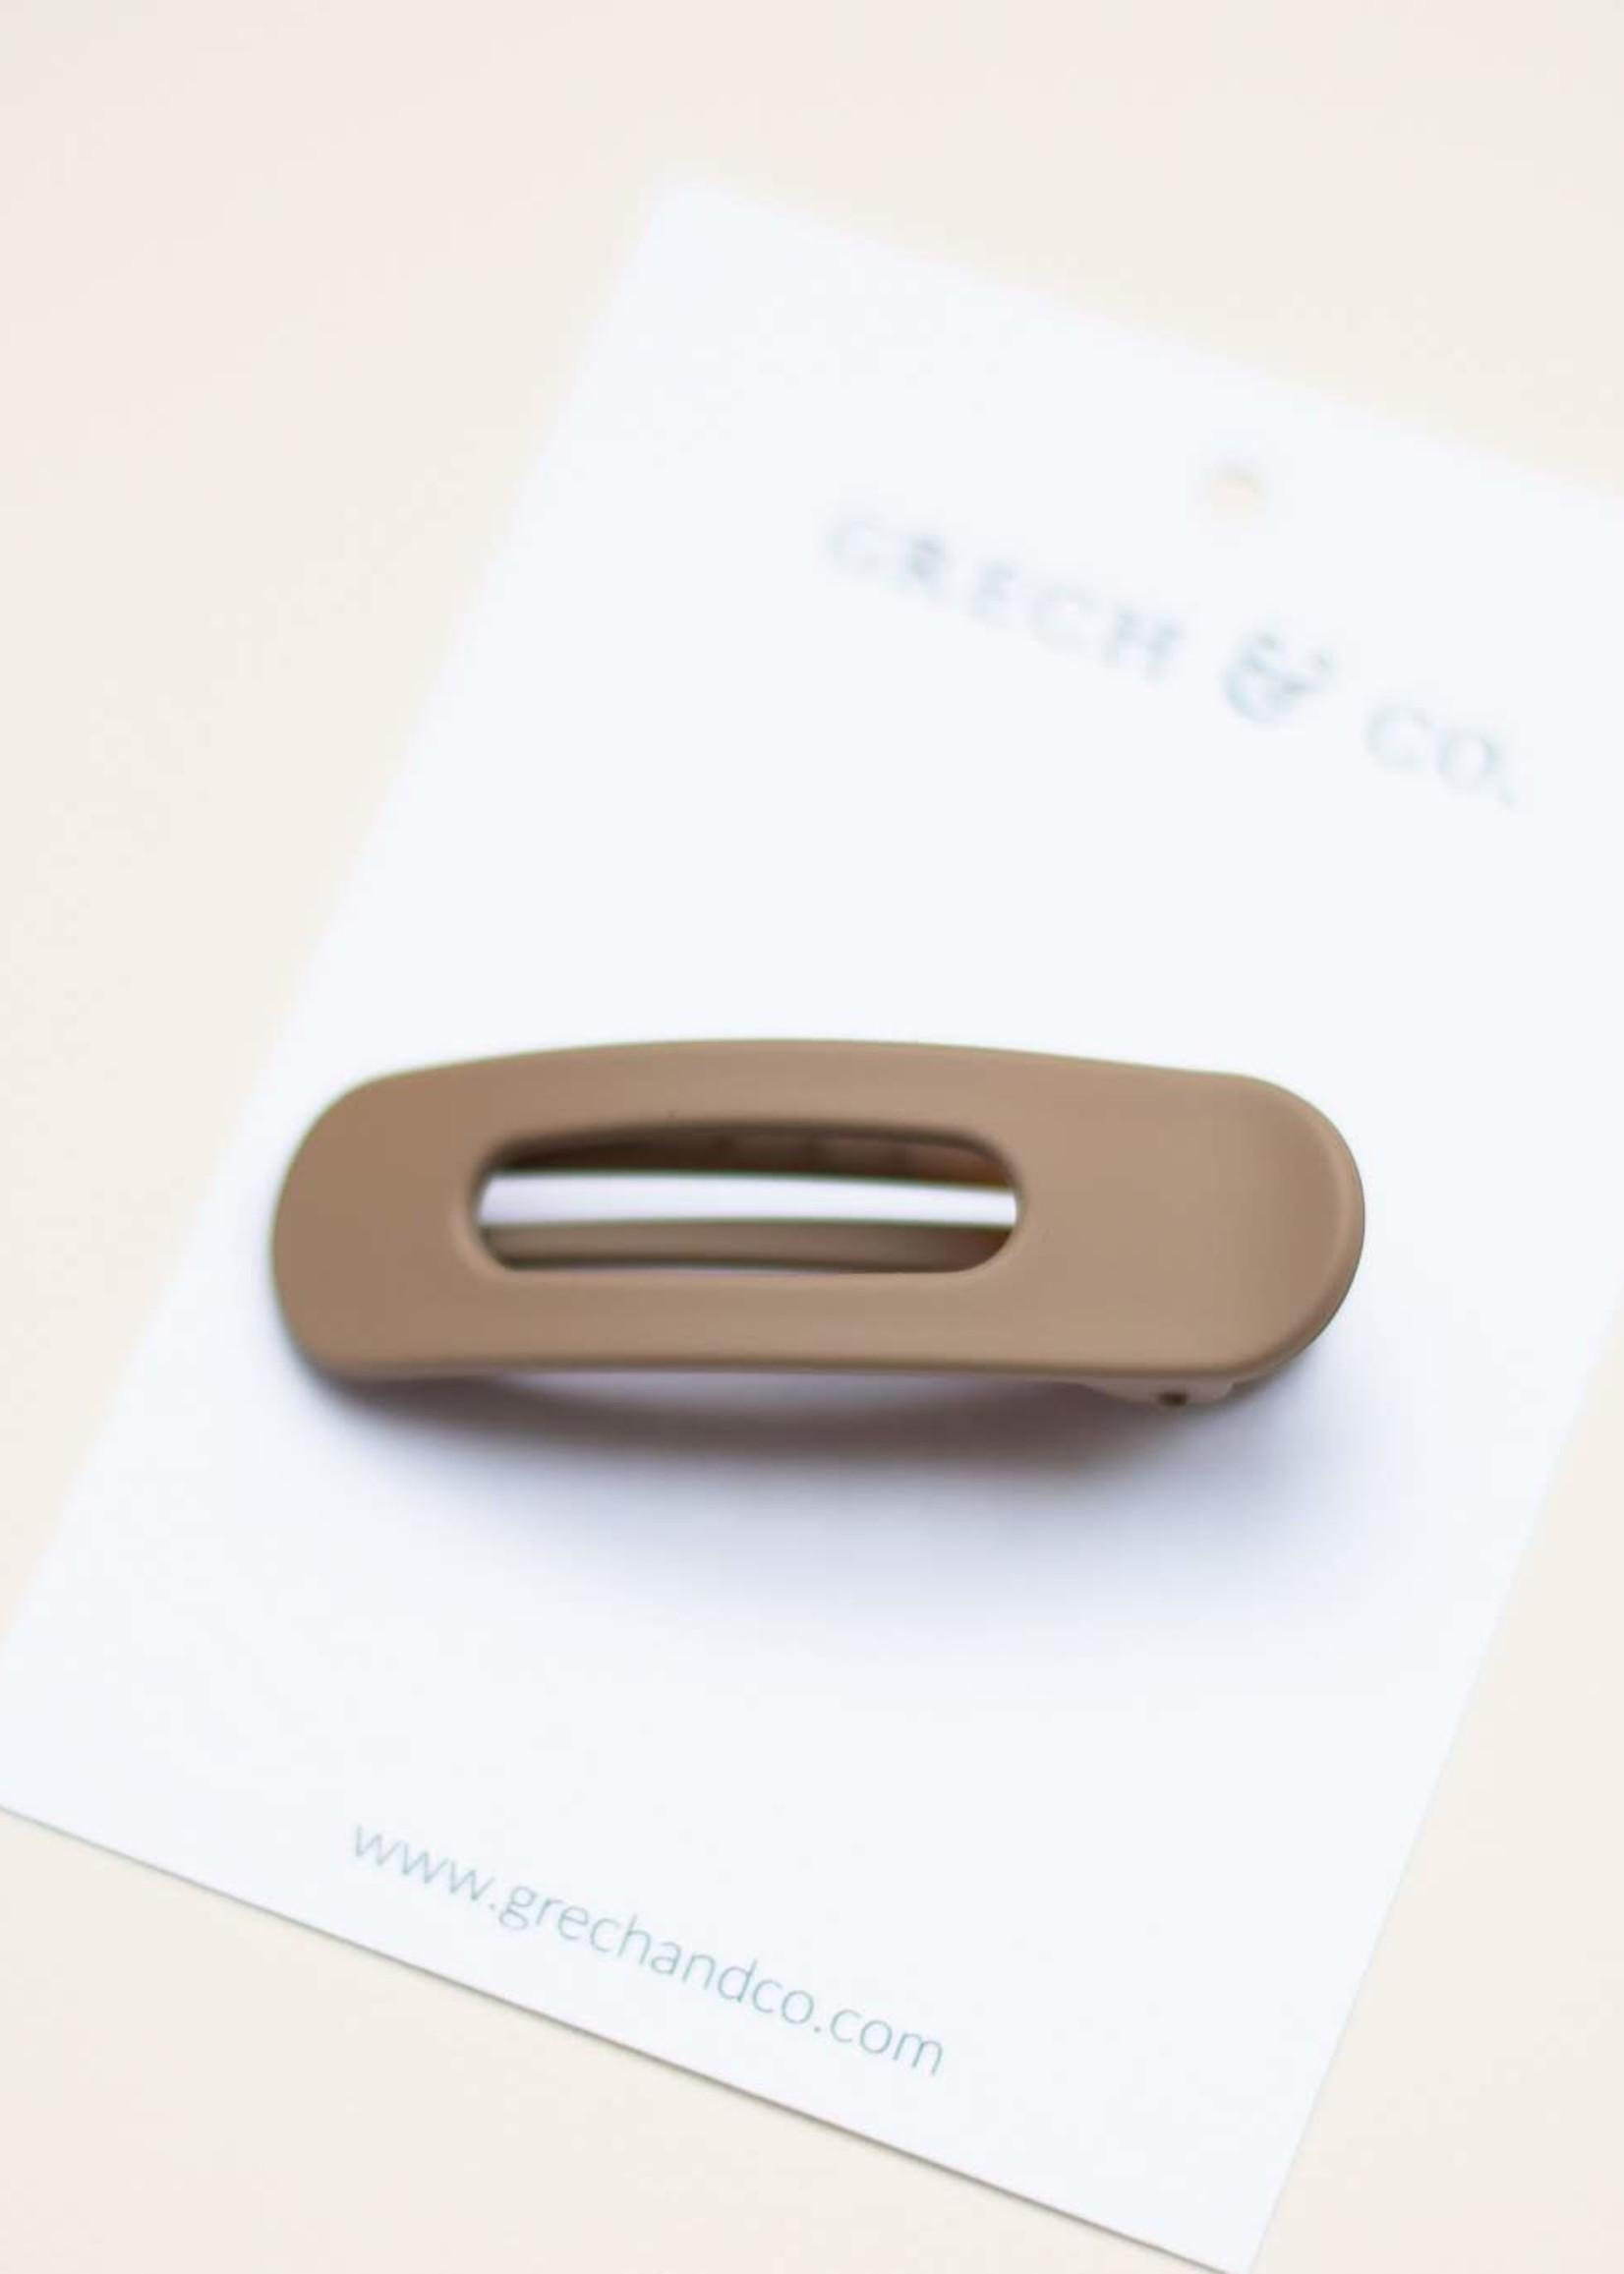 Grech & Co Grech & Co - Grip Clip - Stone